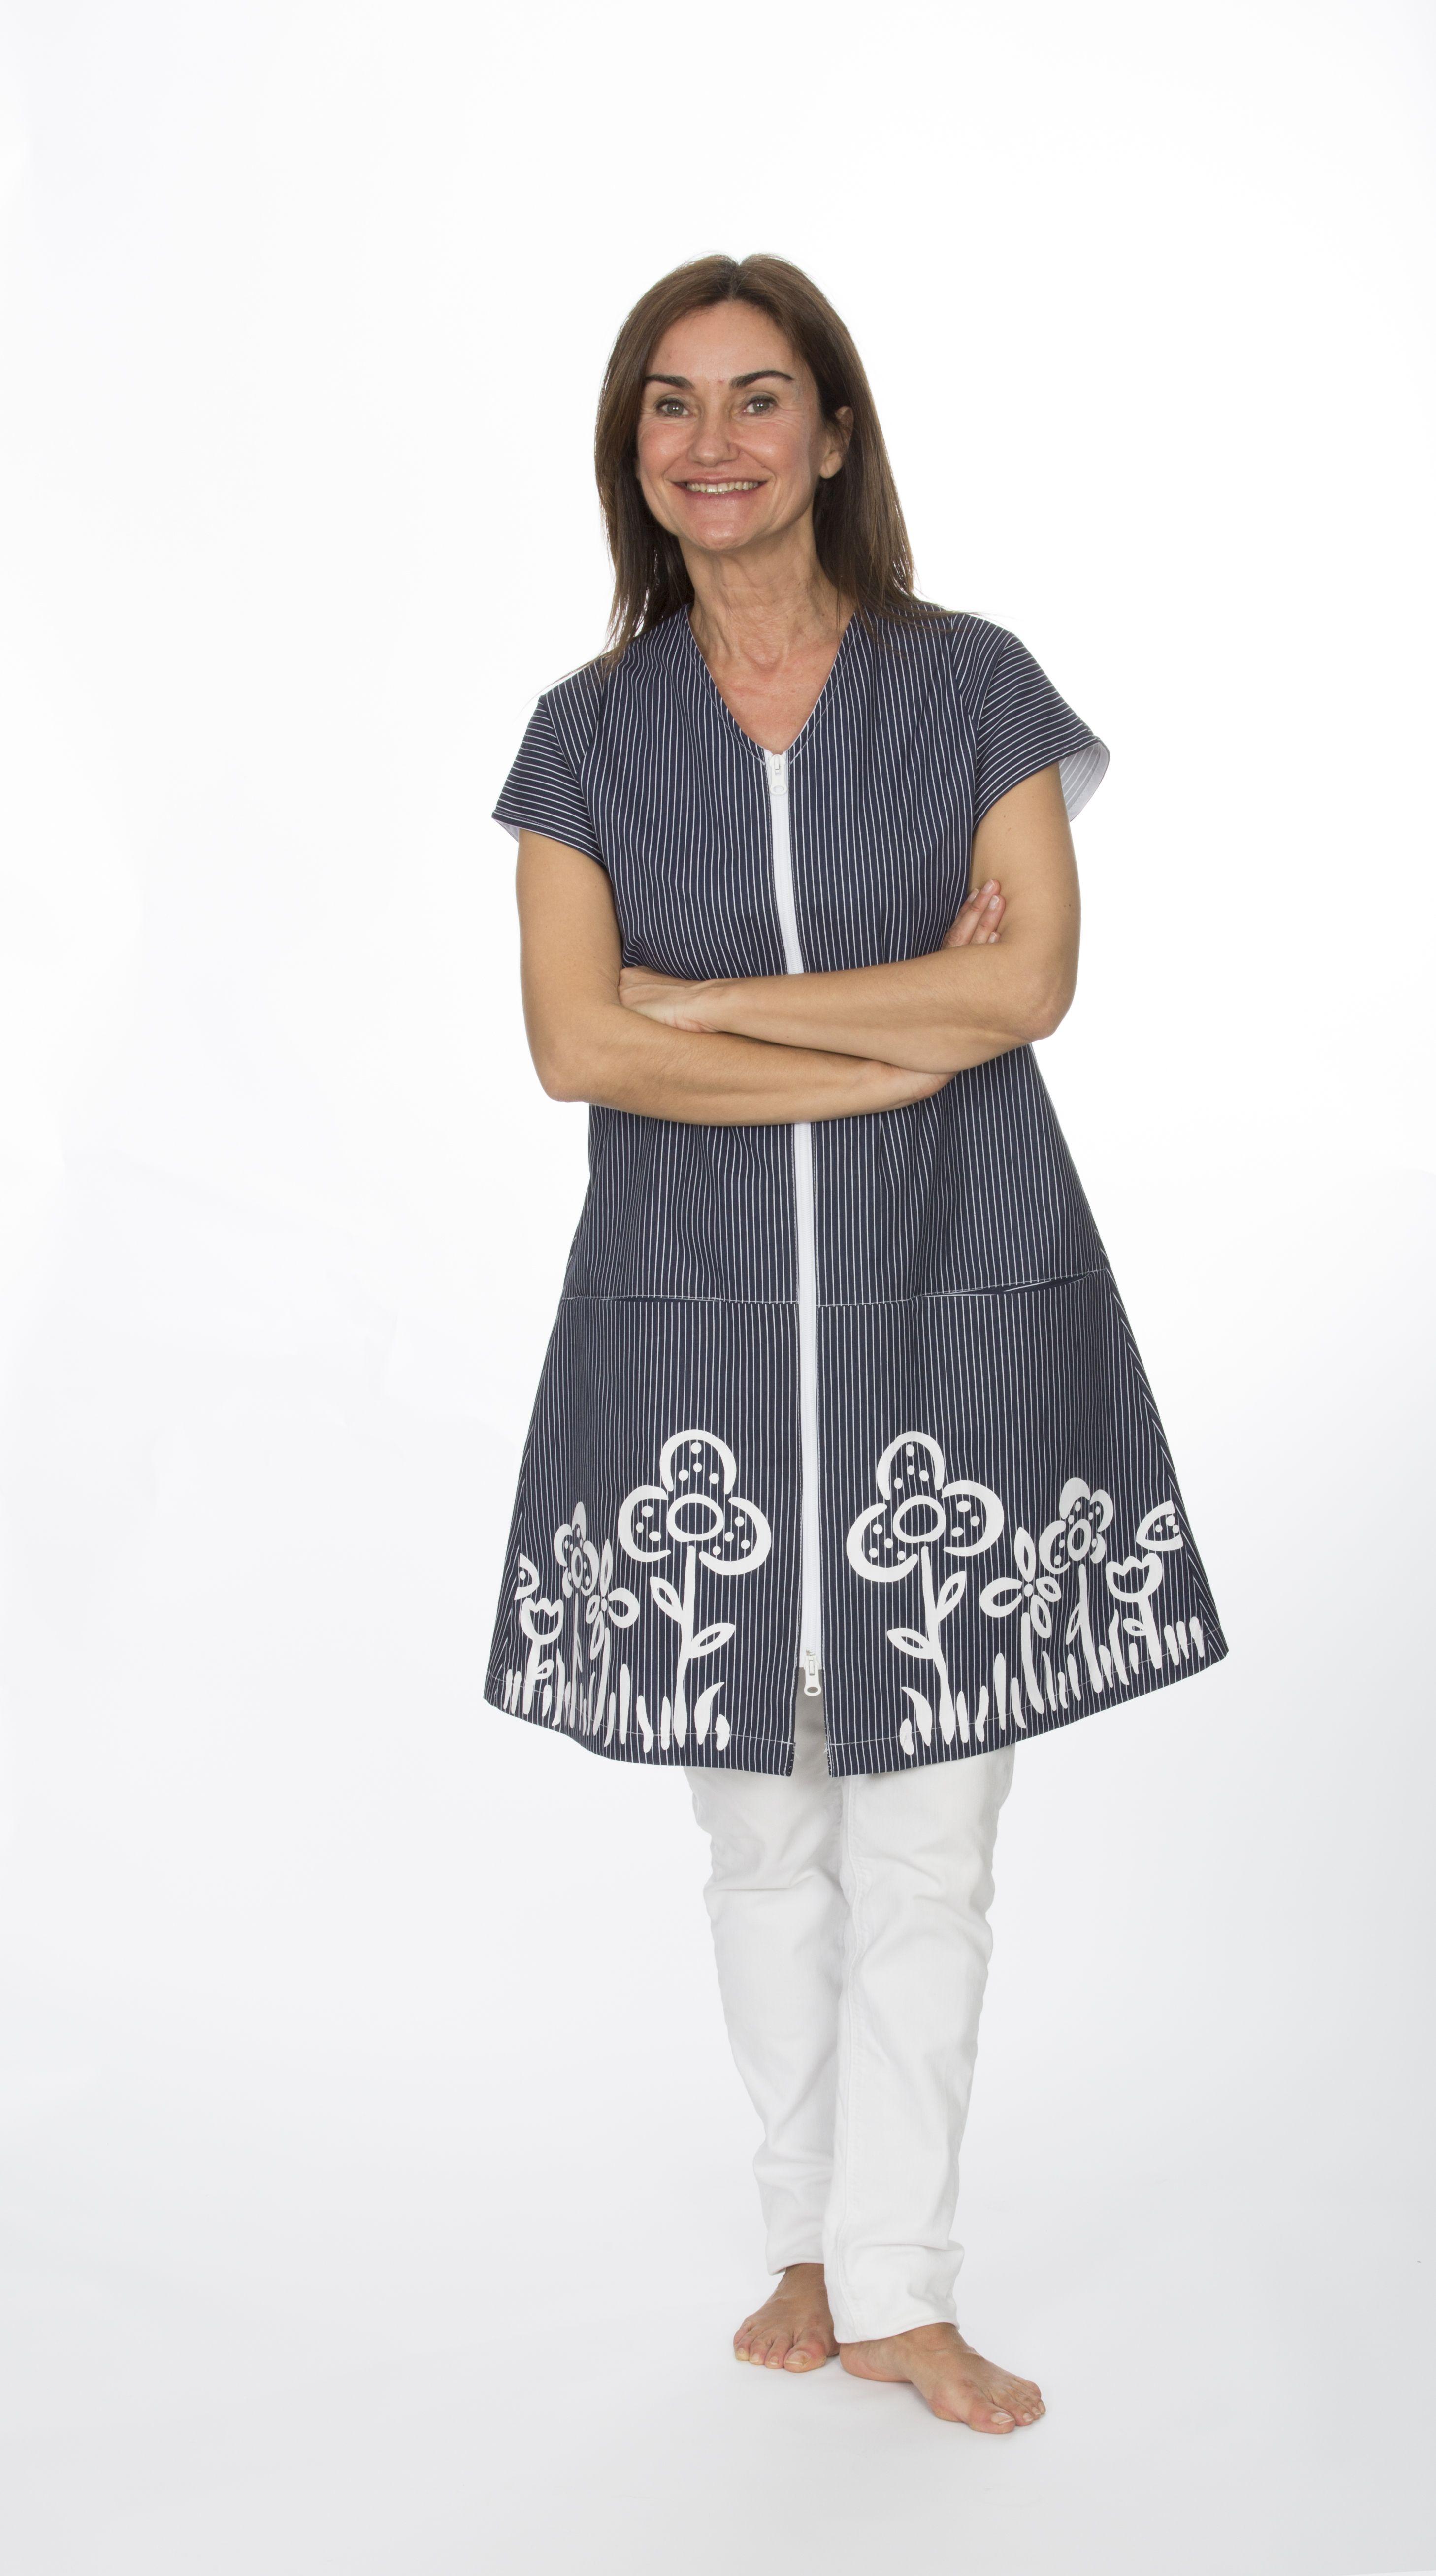 batas maestra batas laborales | Costuras y maquina de coser ...